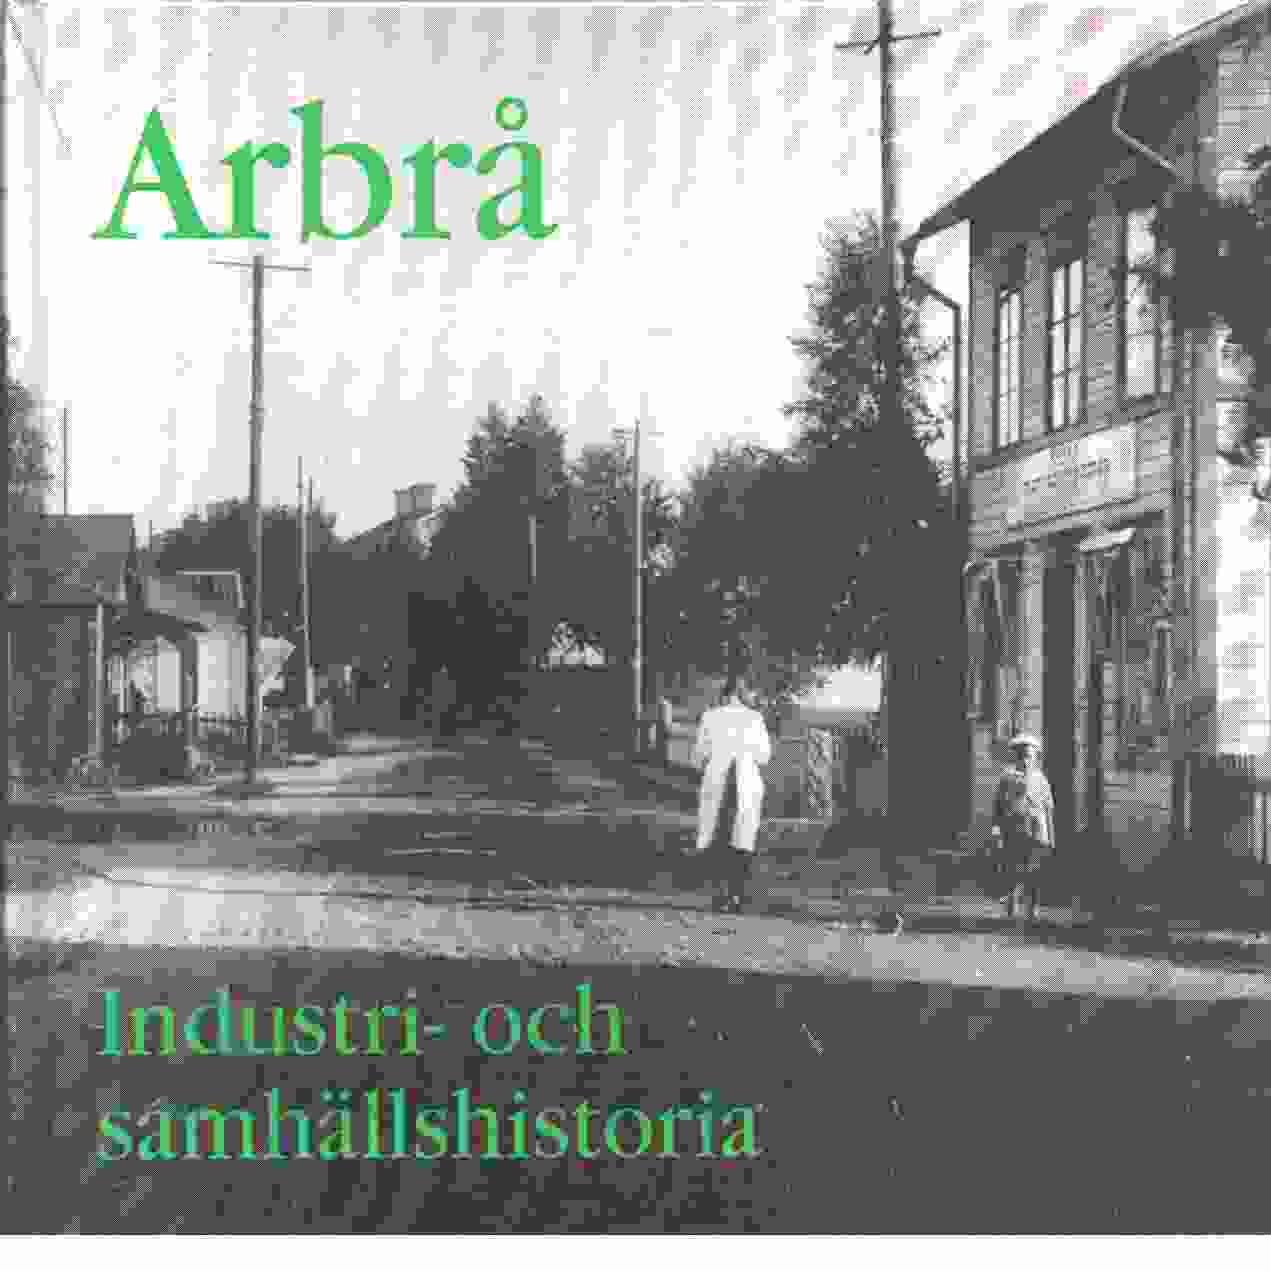 Arbrå : industri- och samhällshistoria - Red. Arbrå hembygds- och fornminnesförening